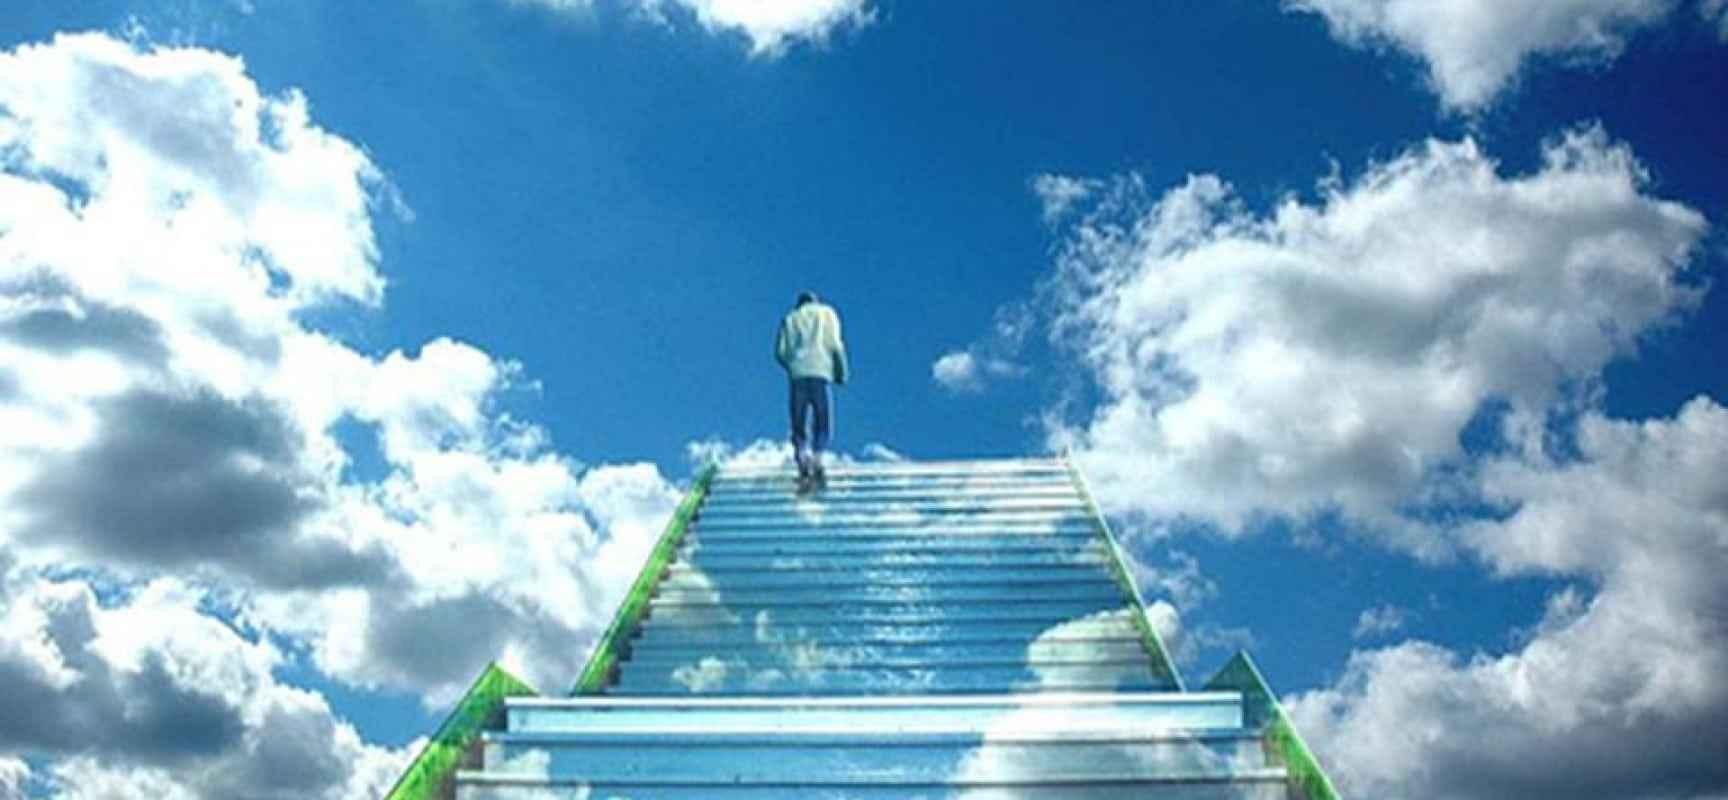 Αυτοβελτίωση: 40 συμβουλές για να αντέχετε στις δύσκολες καταστάσεις